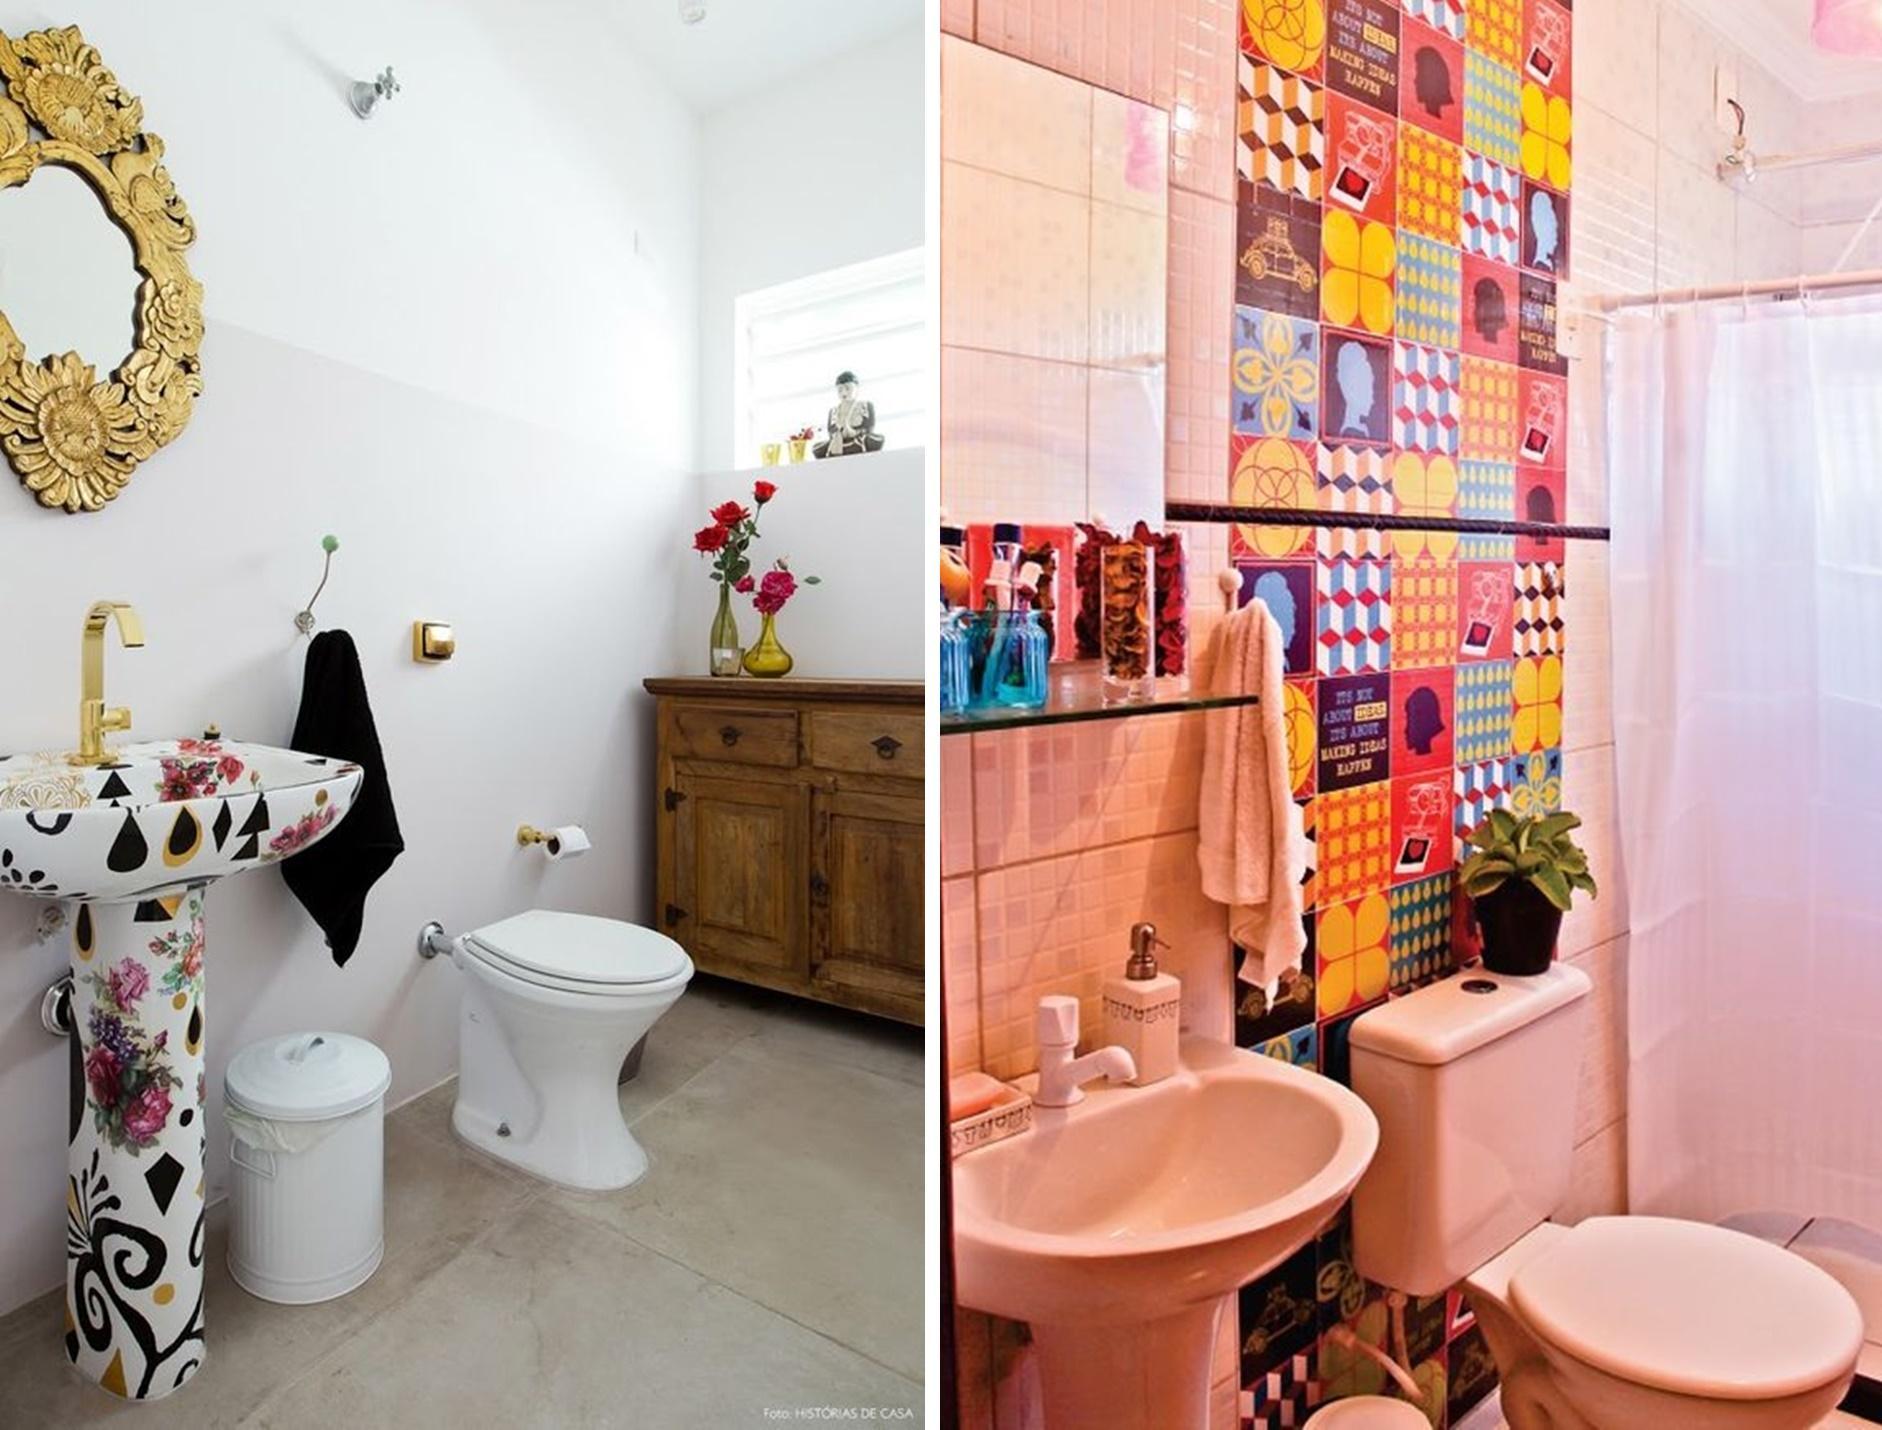 Ideias Criativas Para Decorar Apartamento Alugado Arteblog ~ Customização De Objetos Decorativos Para Quarto